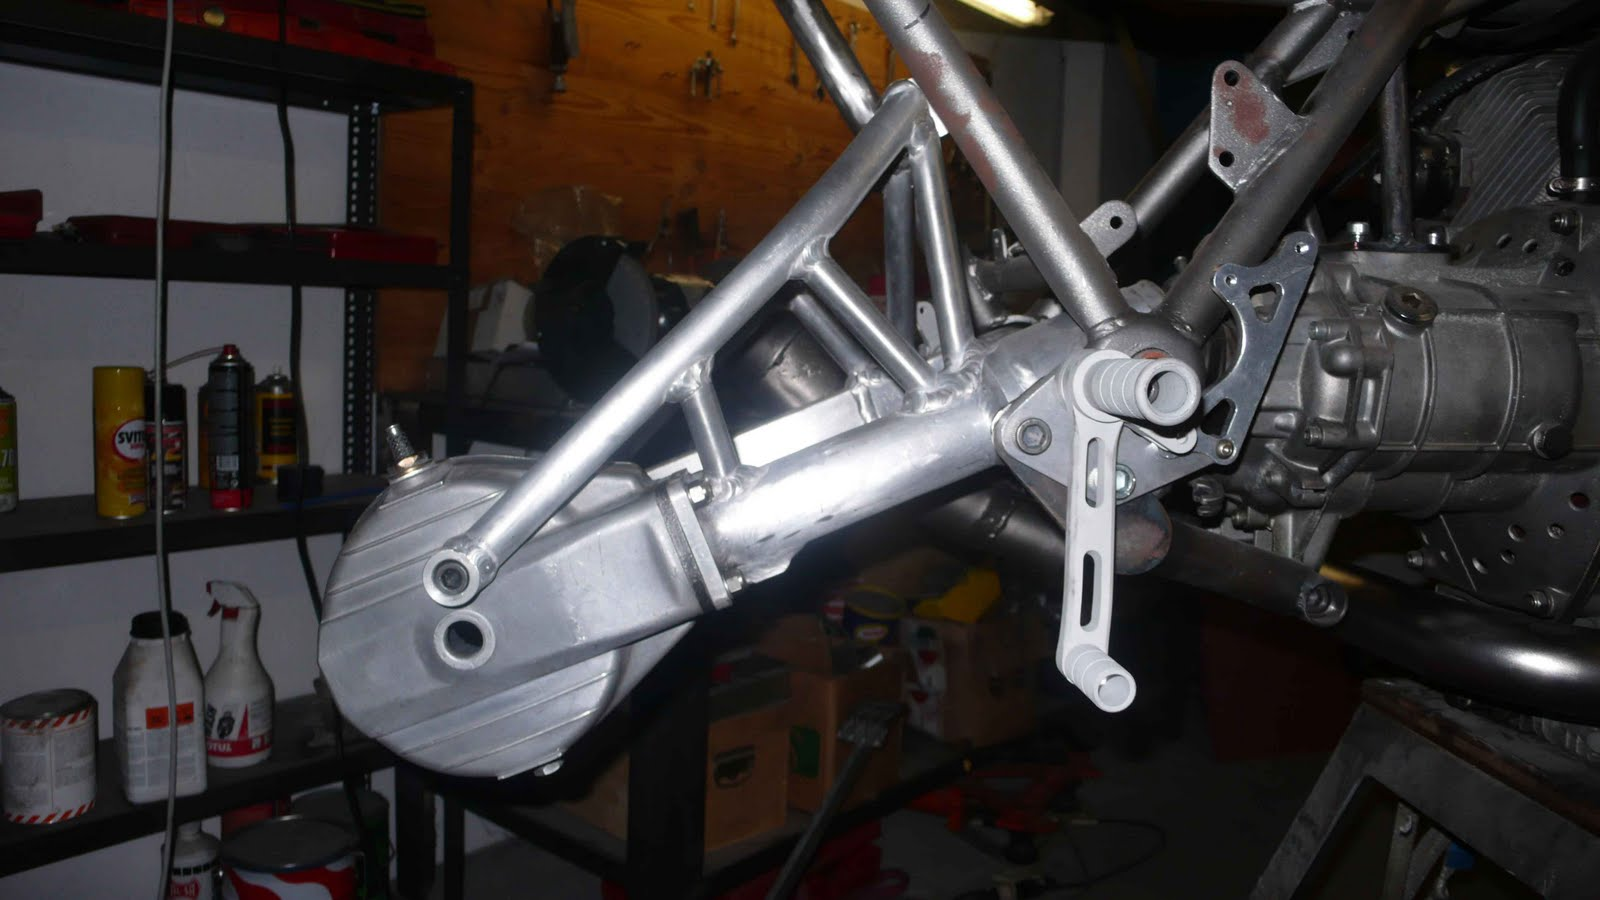 Guzzi SP-R1000de Ram77 (sujet déplacé de Guzzi l'essentiel) Guzzi-2V-endurance-%235